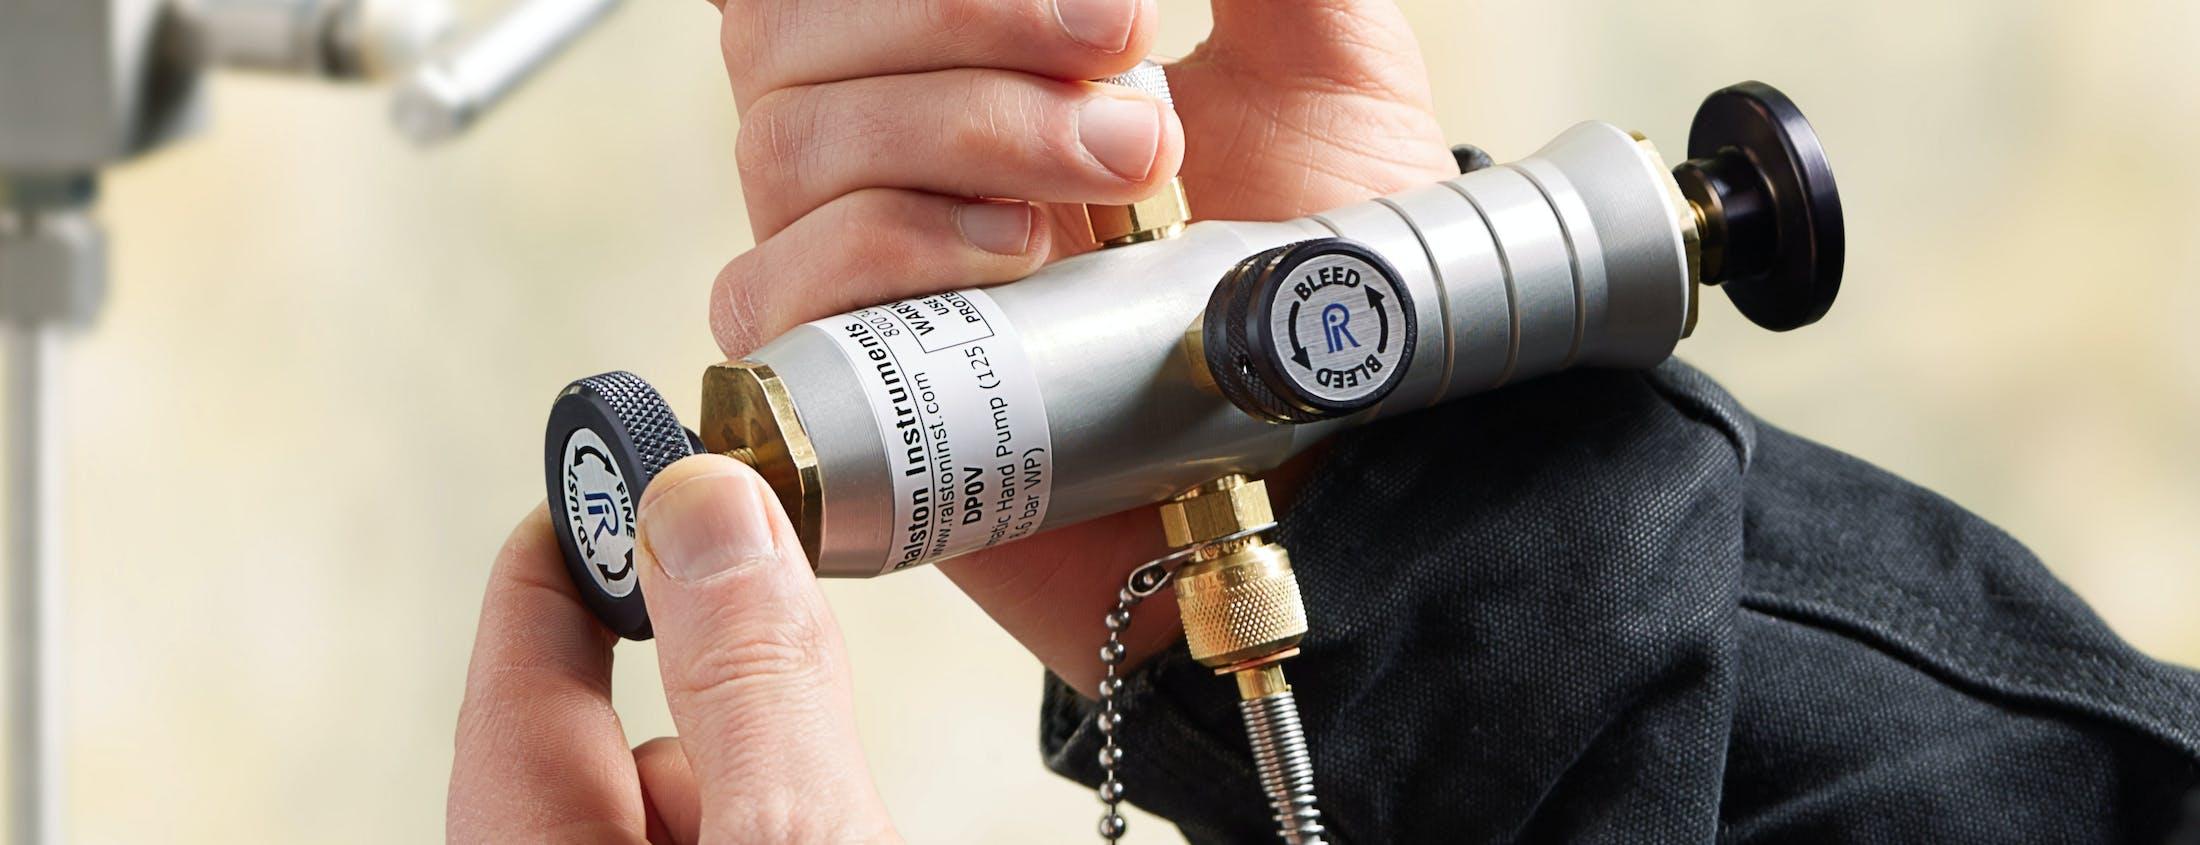 Dp0 V Flp1 W0 Xmitter Pneumatic Cylinder Hand Pumps